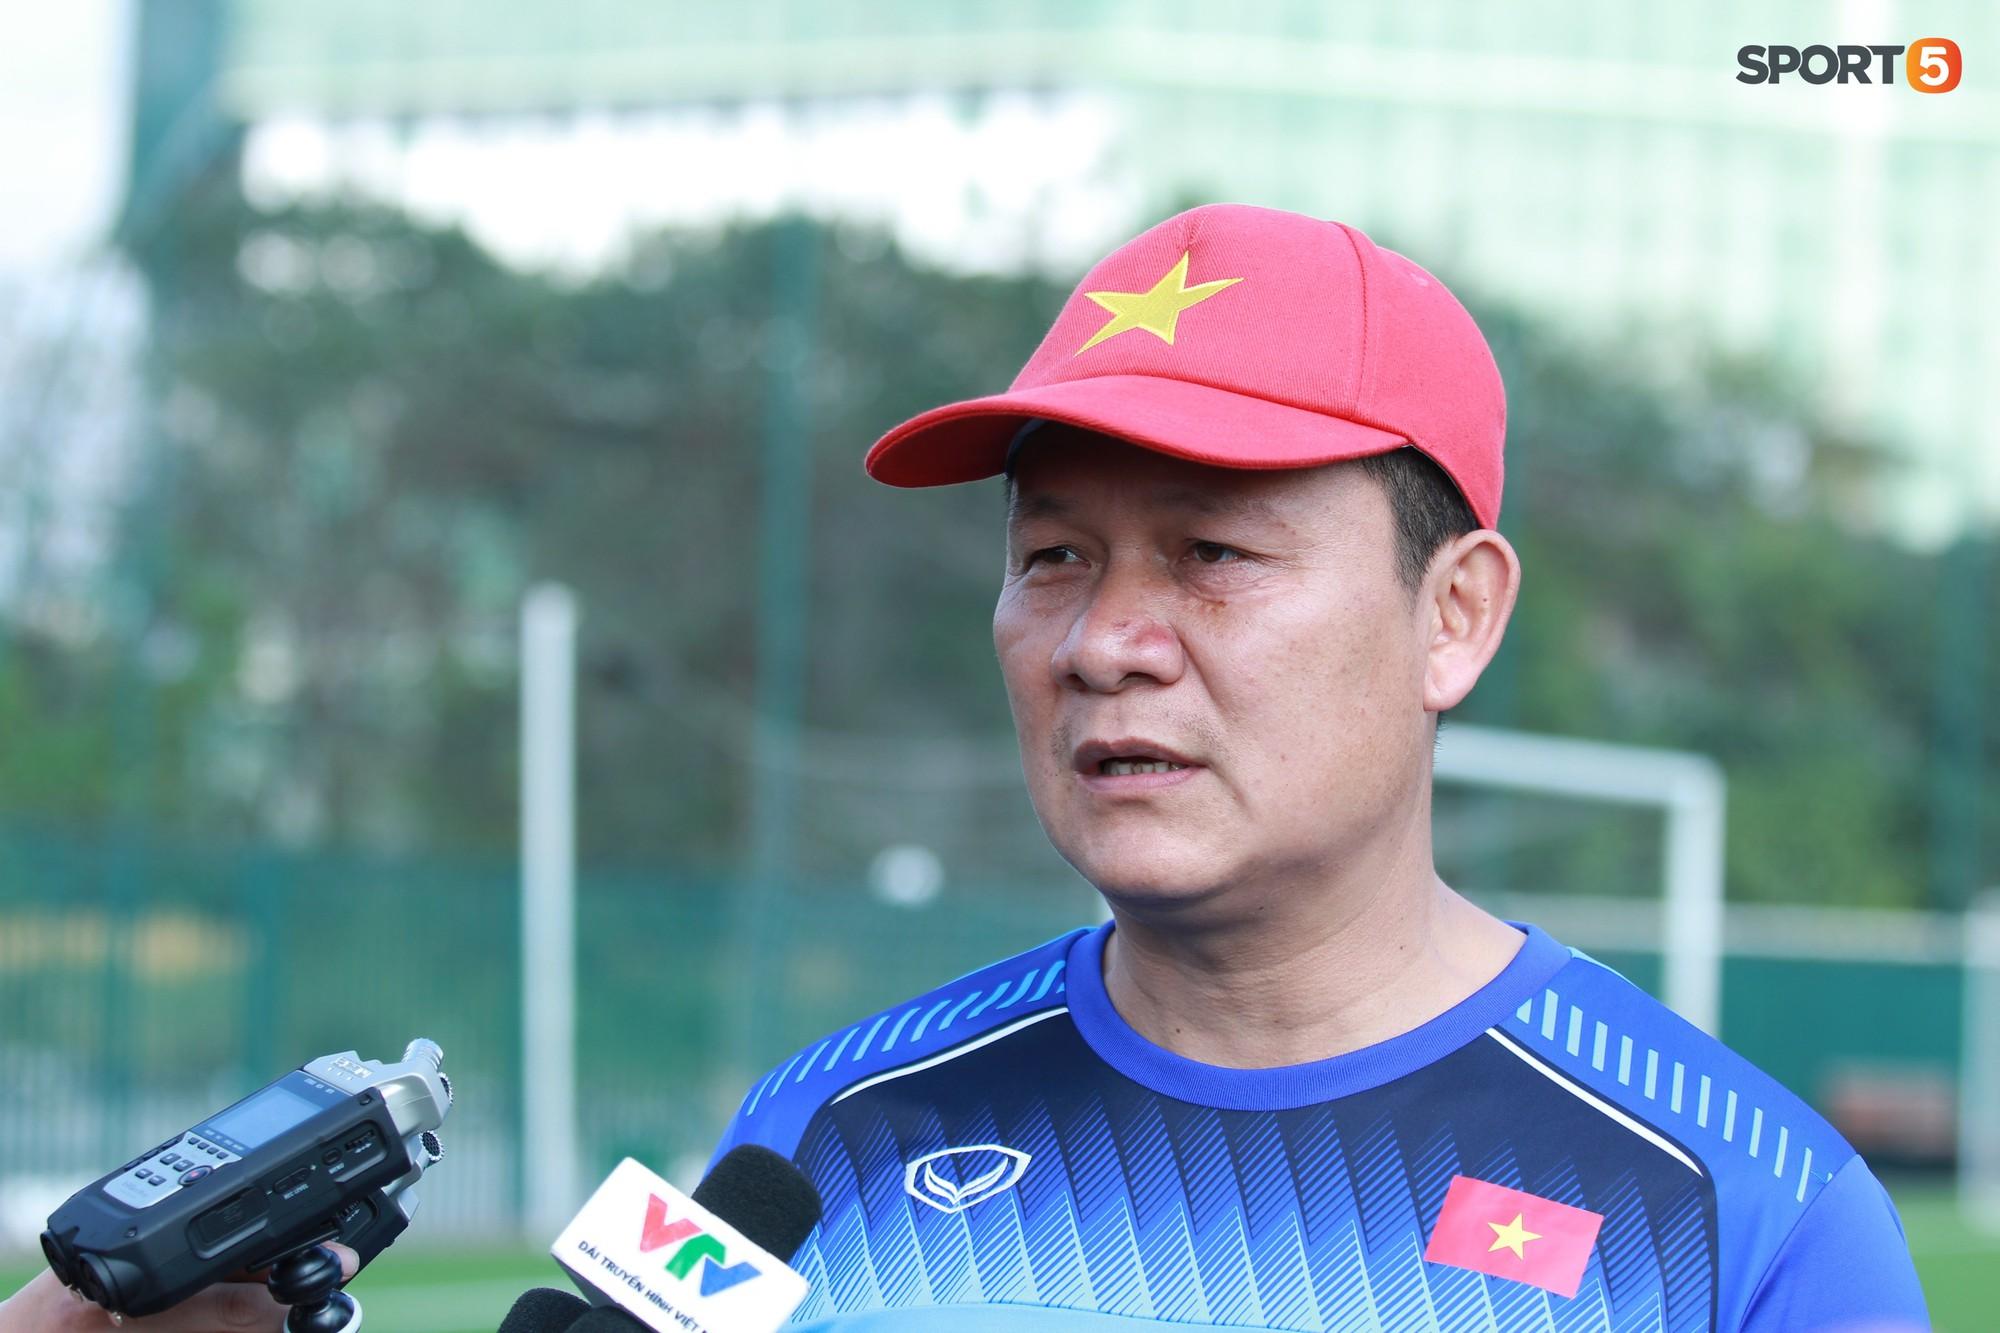 HLV Nguyễn Quốc Tuấn: Kỳ nghỉ Tết sắp tới khiến tôi cảm thấy lo lắng cho U22 Việt Nam - Ảnh 1.